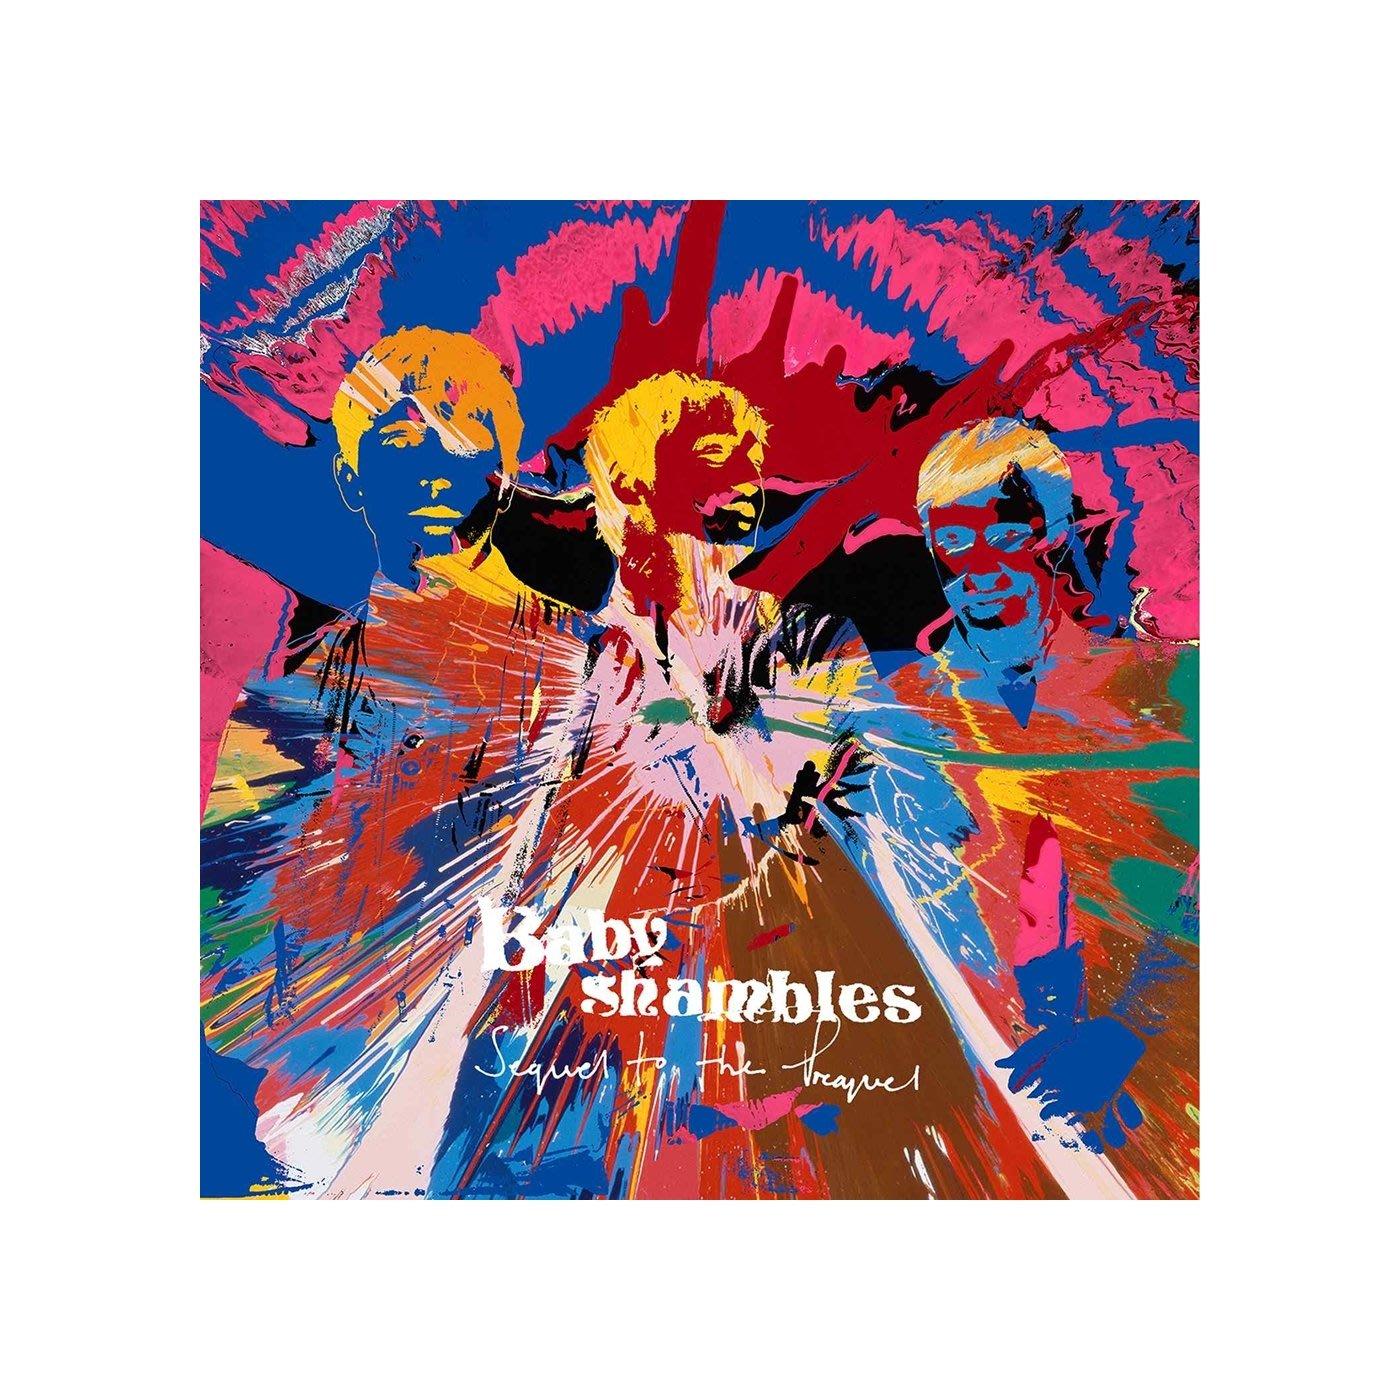 現貨 專輯 全新未拆 Babyshambles 步履蹣跚樂團 Sequel To The Prequel前部曲續篇2CD